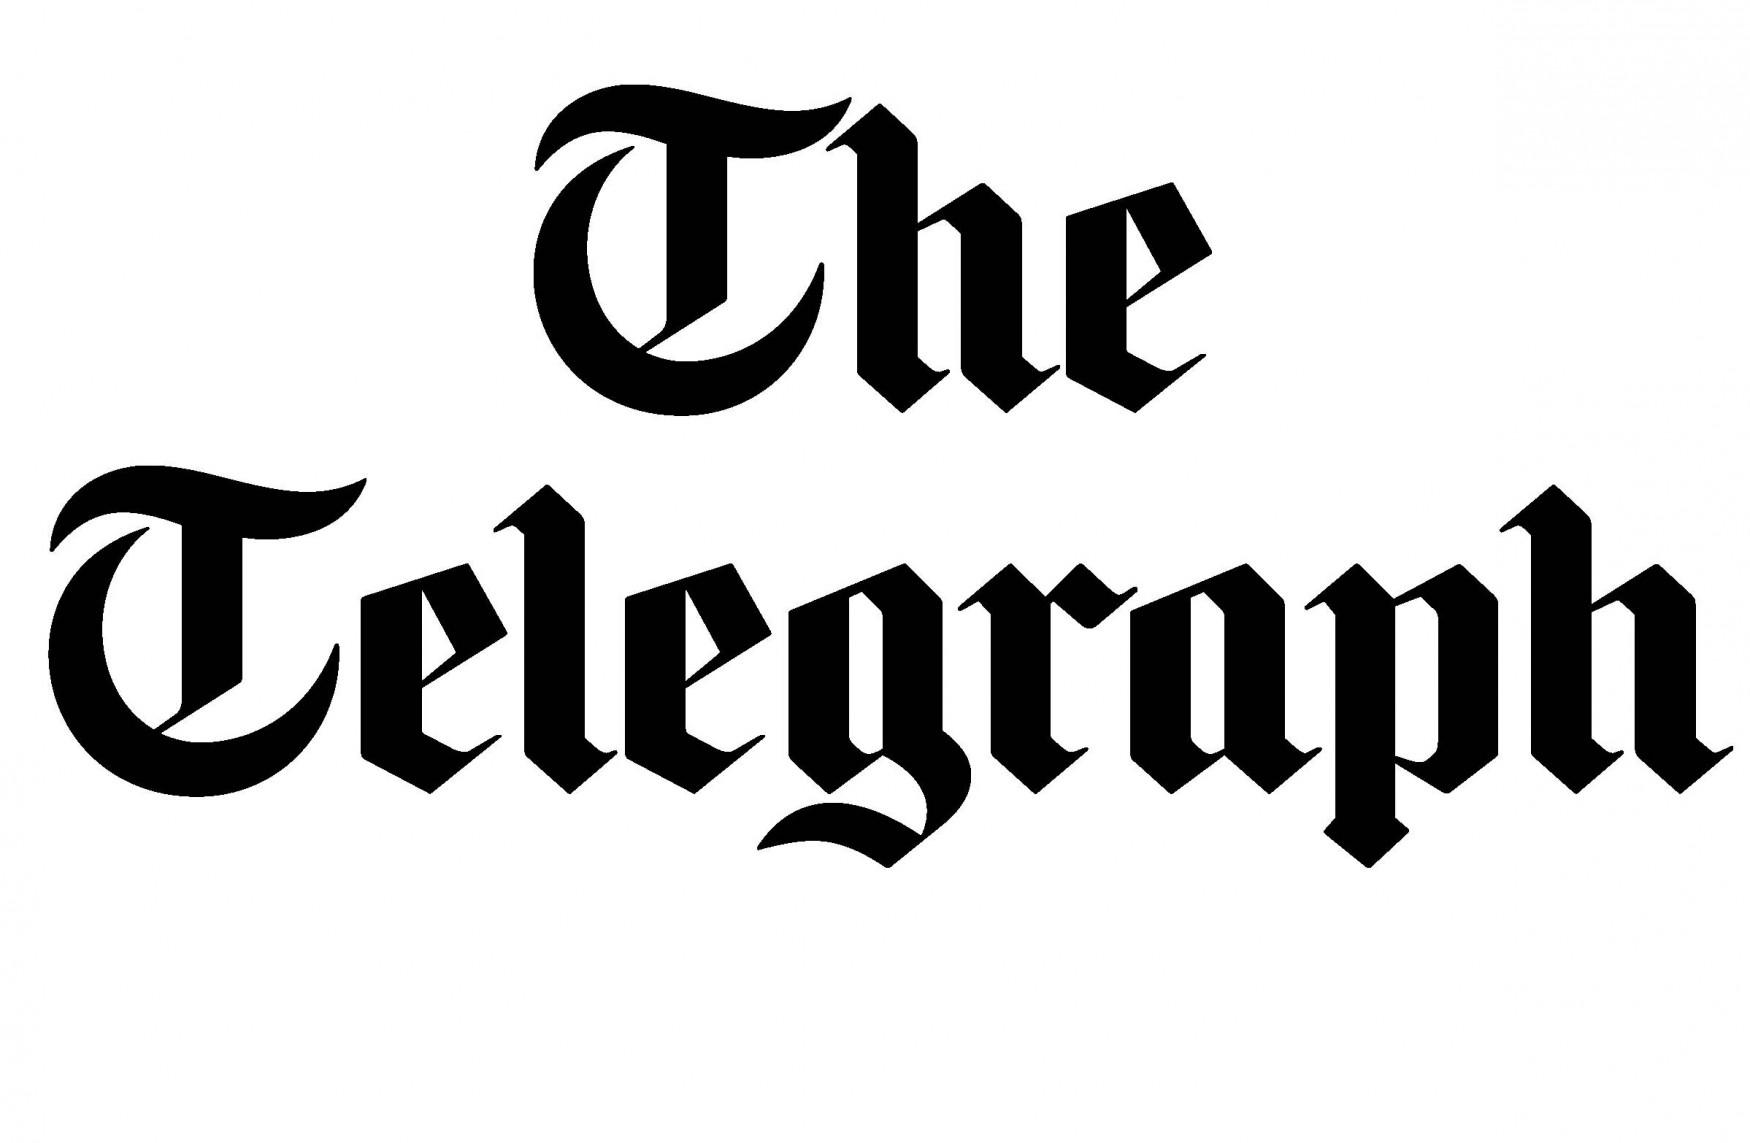 telegraph-logo-1750x1143